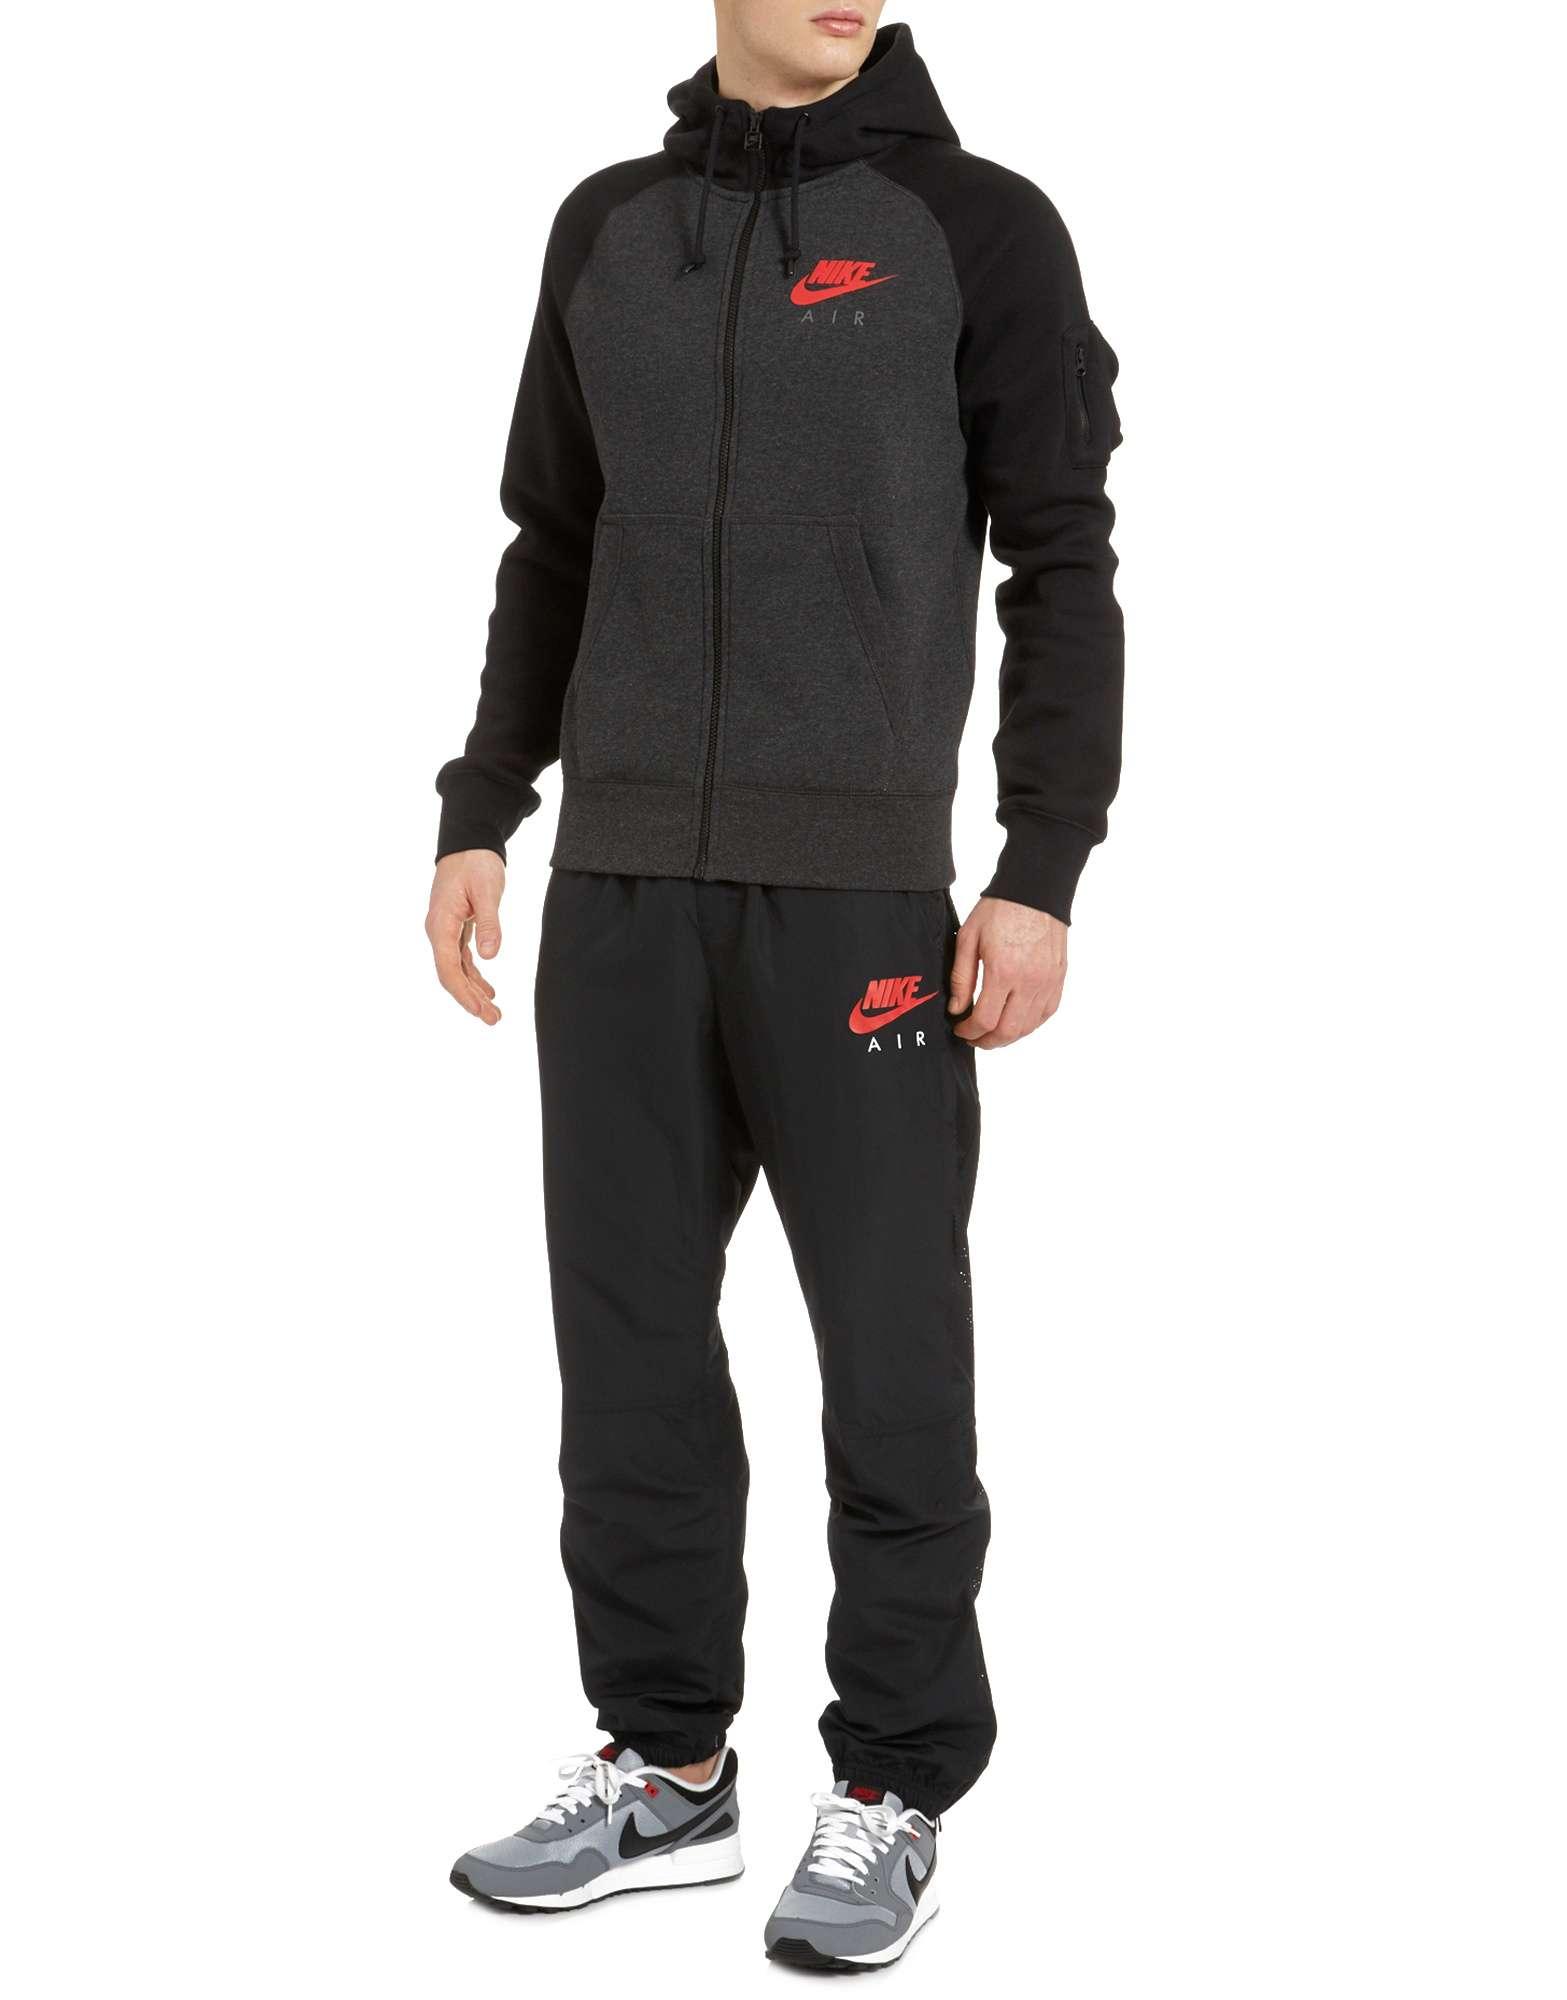 Nike Air Space Pants